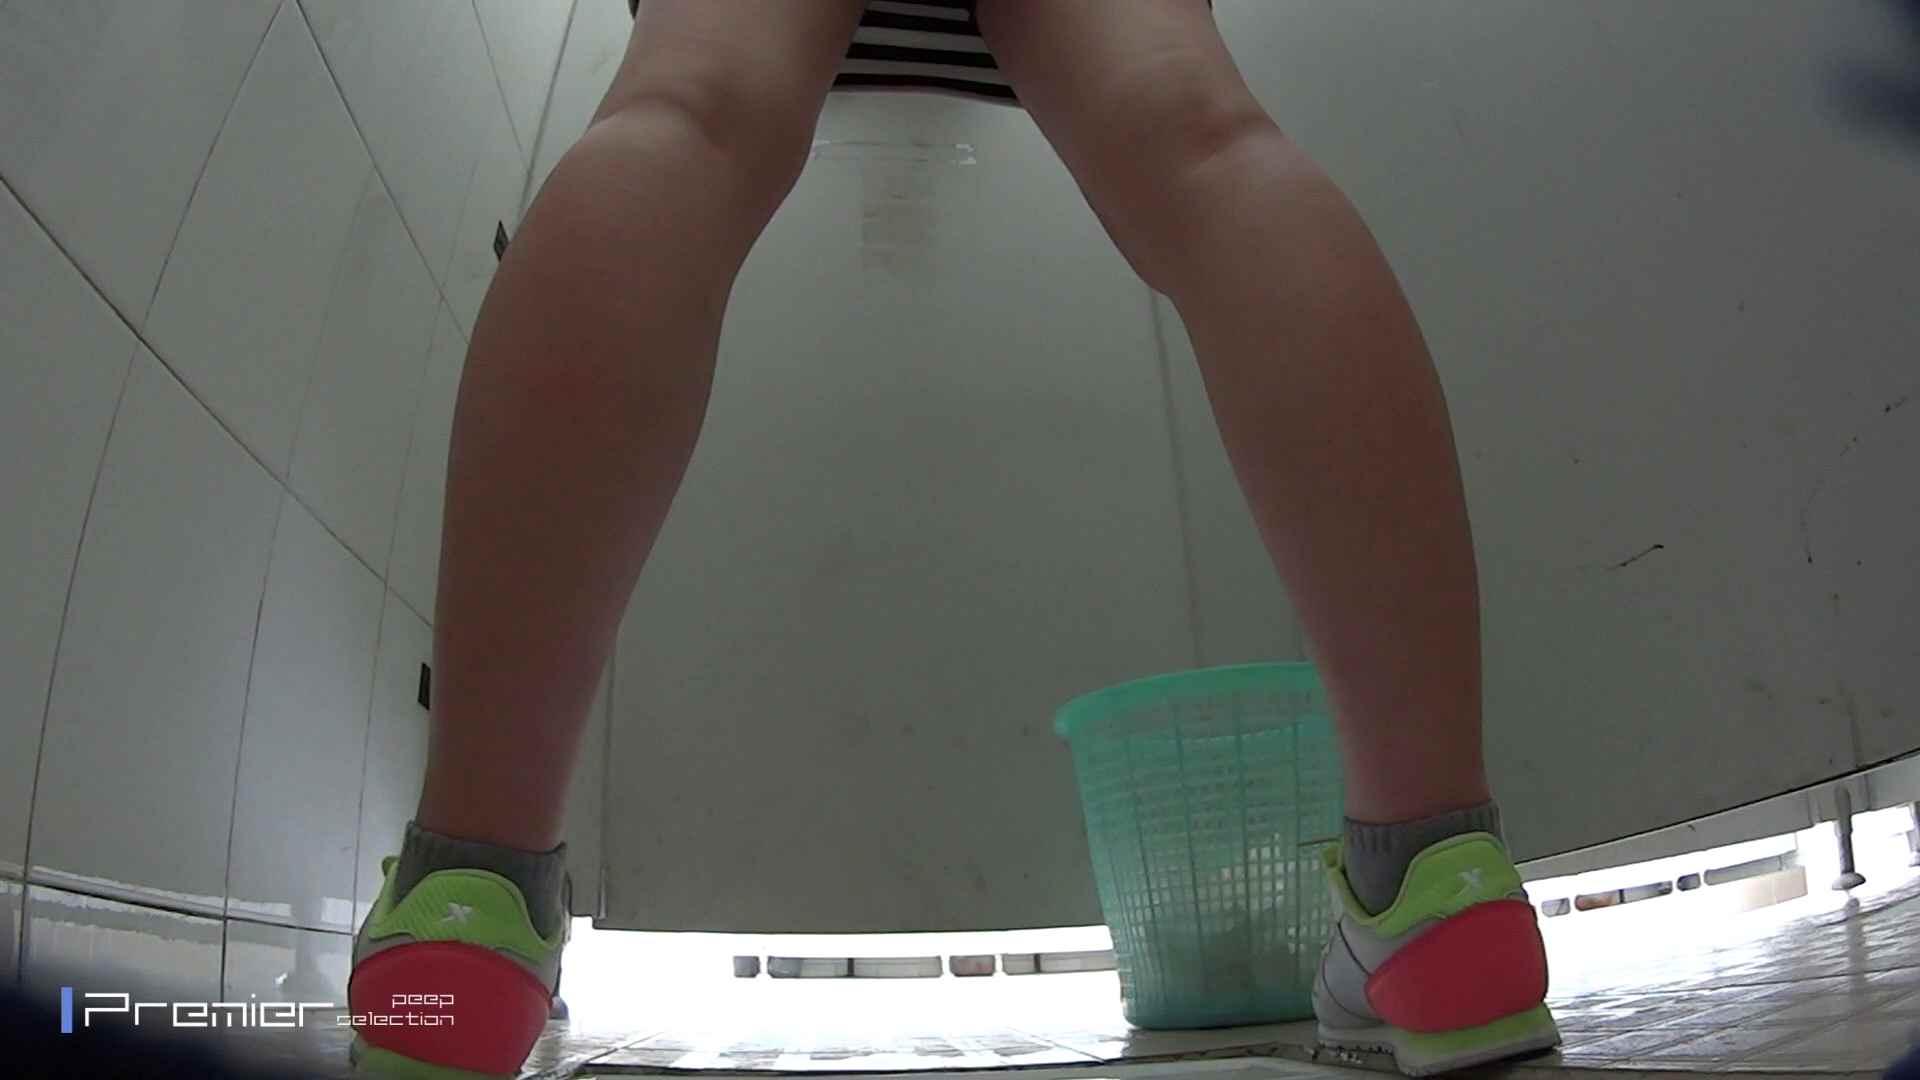 美しい女良たちのトイレ事情 有名大学休憩時間の洗面所事情06 美肌 オメコ無修正動画無料 90枚 89